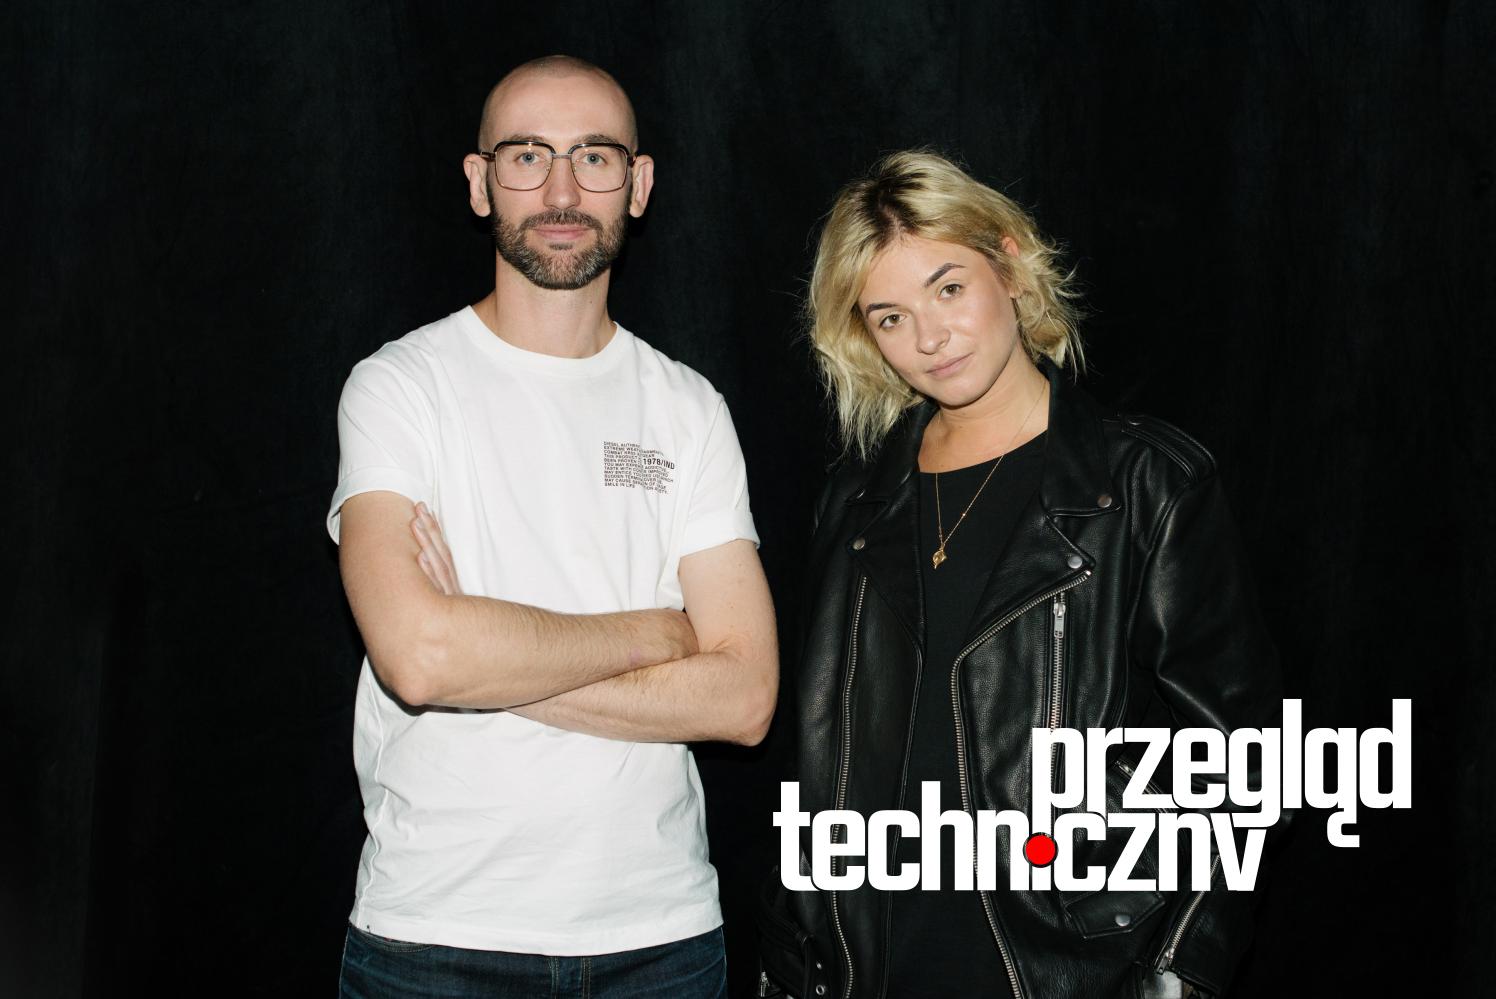 Przegląd Techniczny – nowy klubowy talk show!